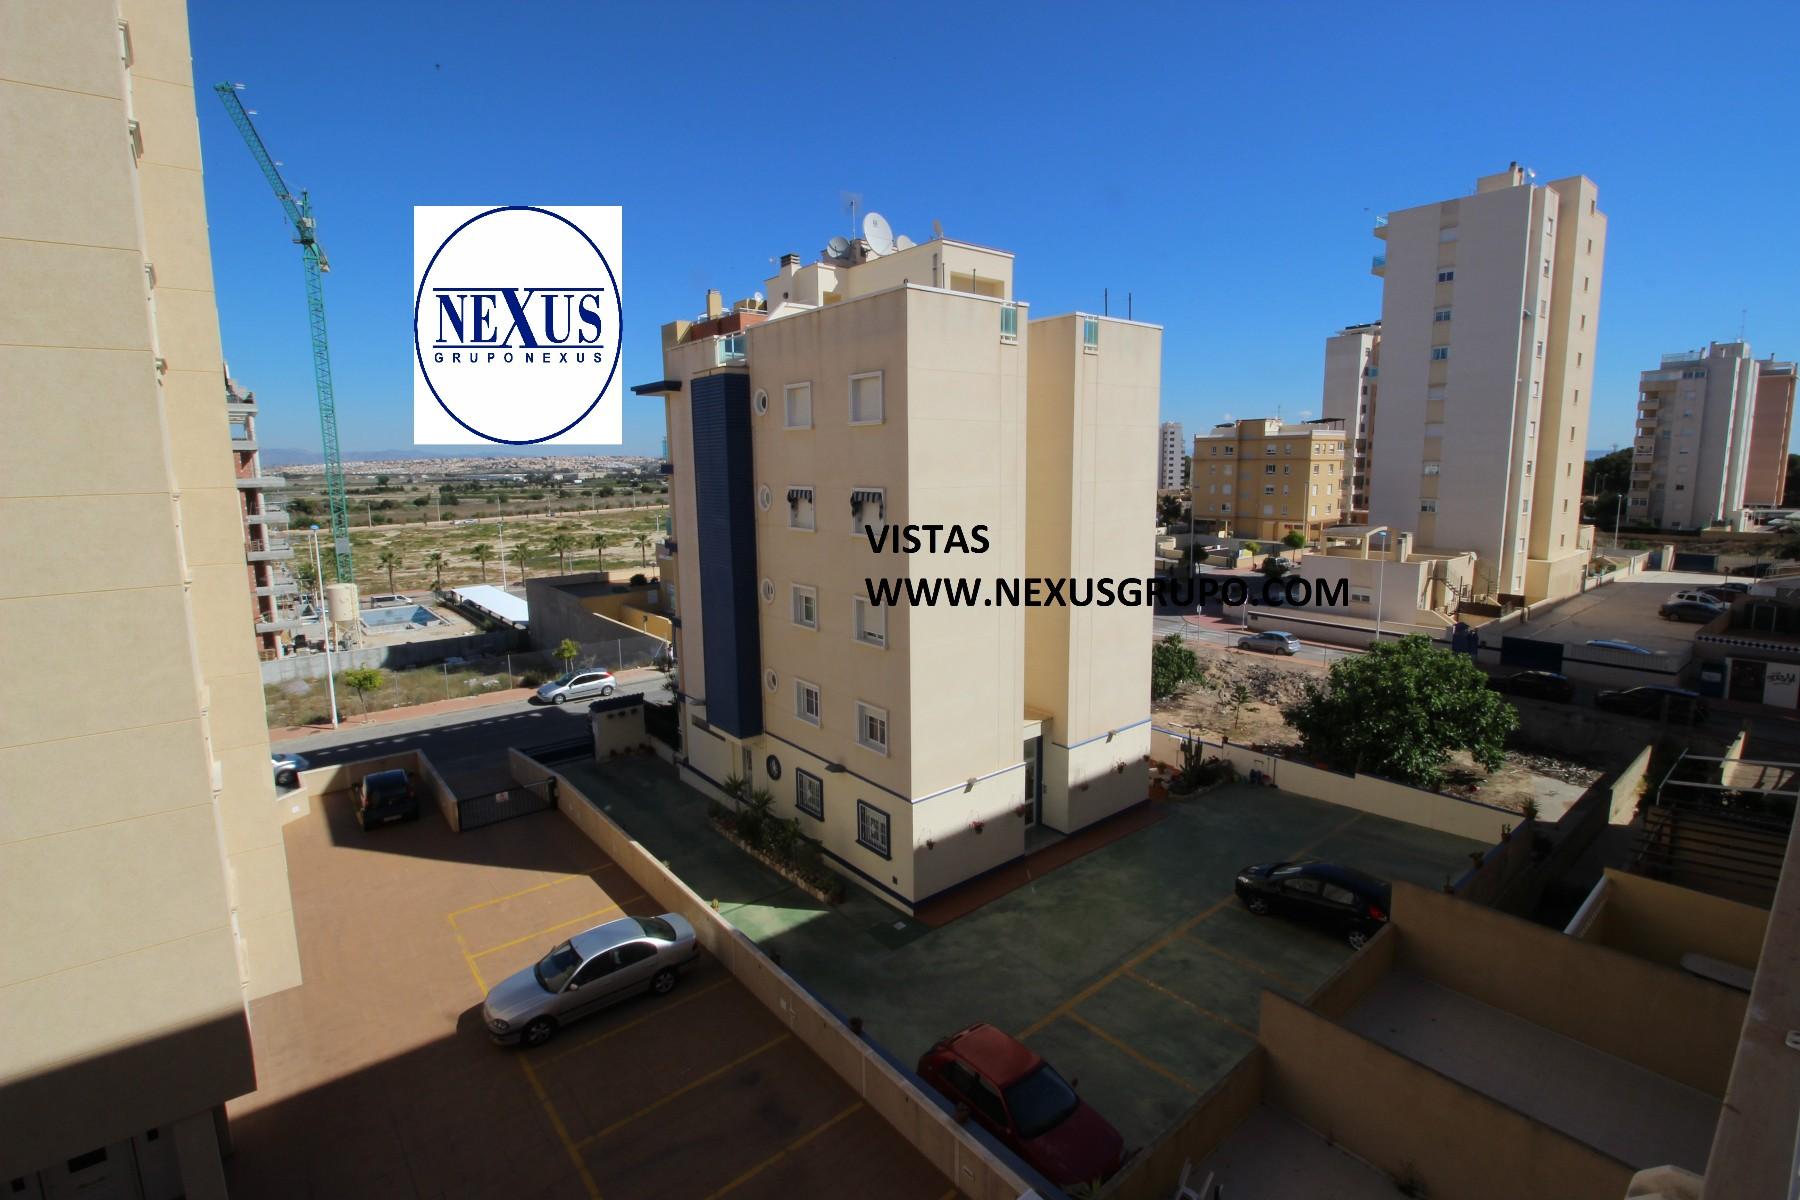 INMOBILIARIA GRUPO NEXUS VENDE APARTAMENTO ZONA SUPERMERCADO MÁS Y MÁS in Nexus Grupo